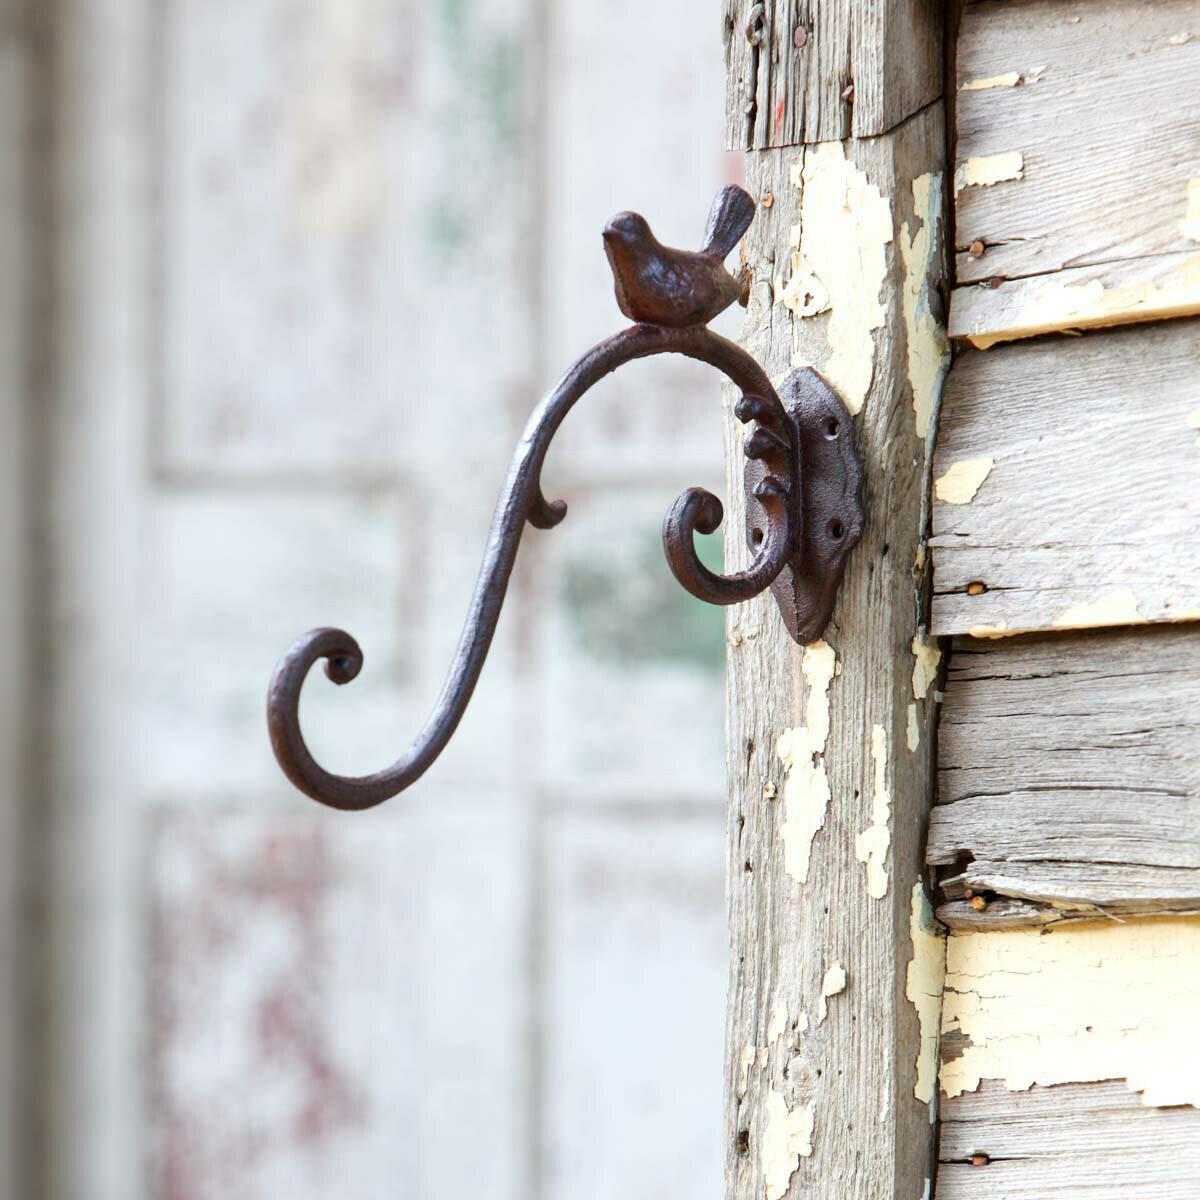 Cast iron hook hanger with bird